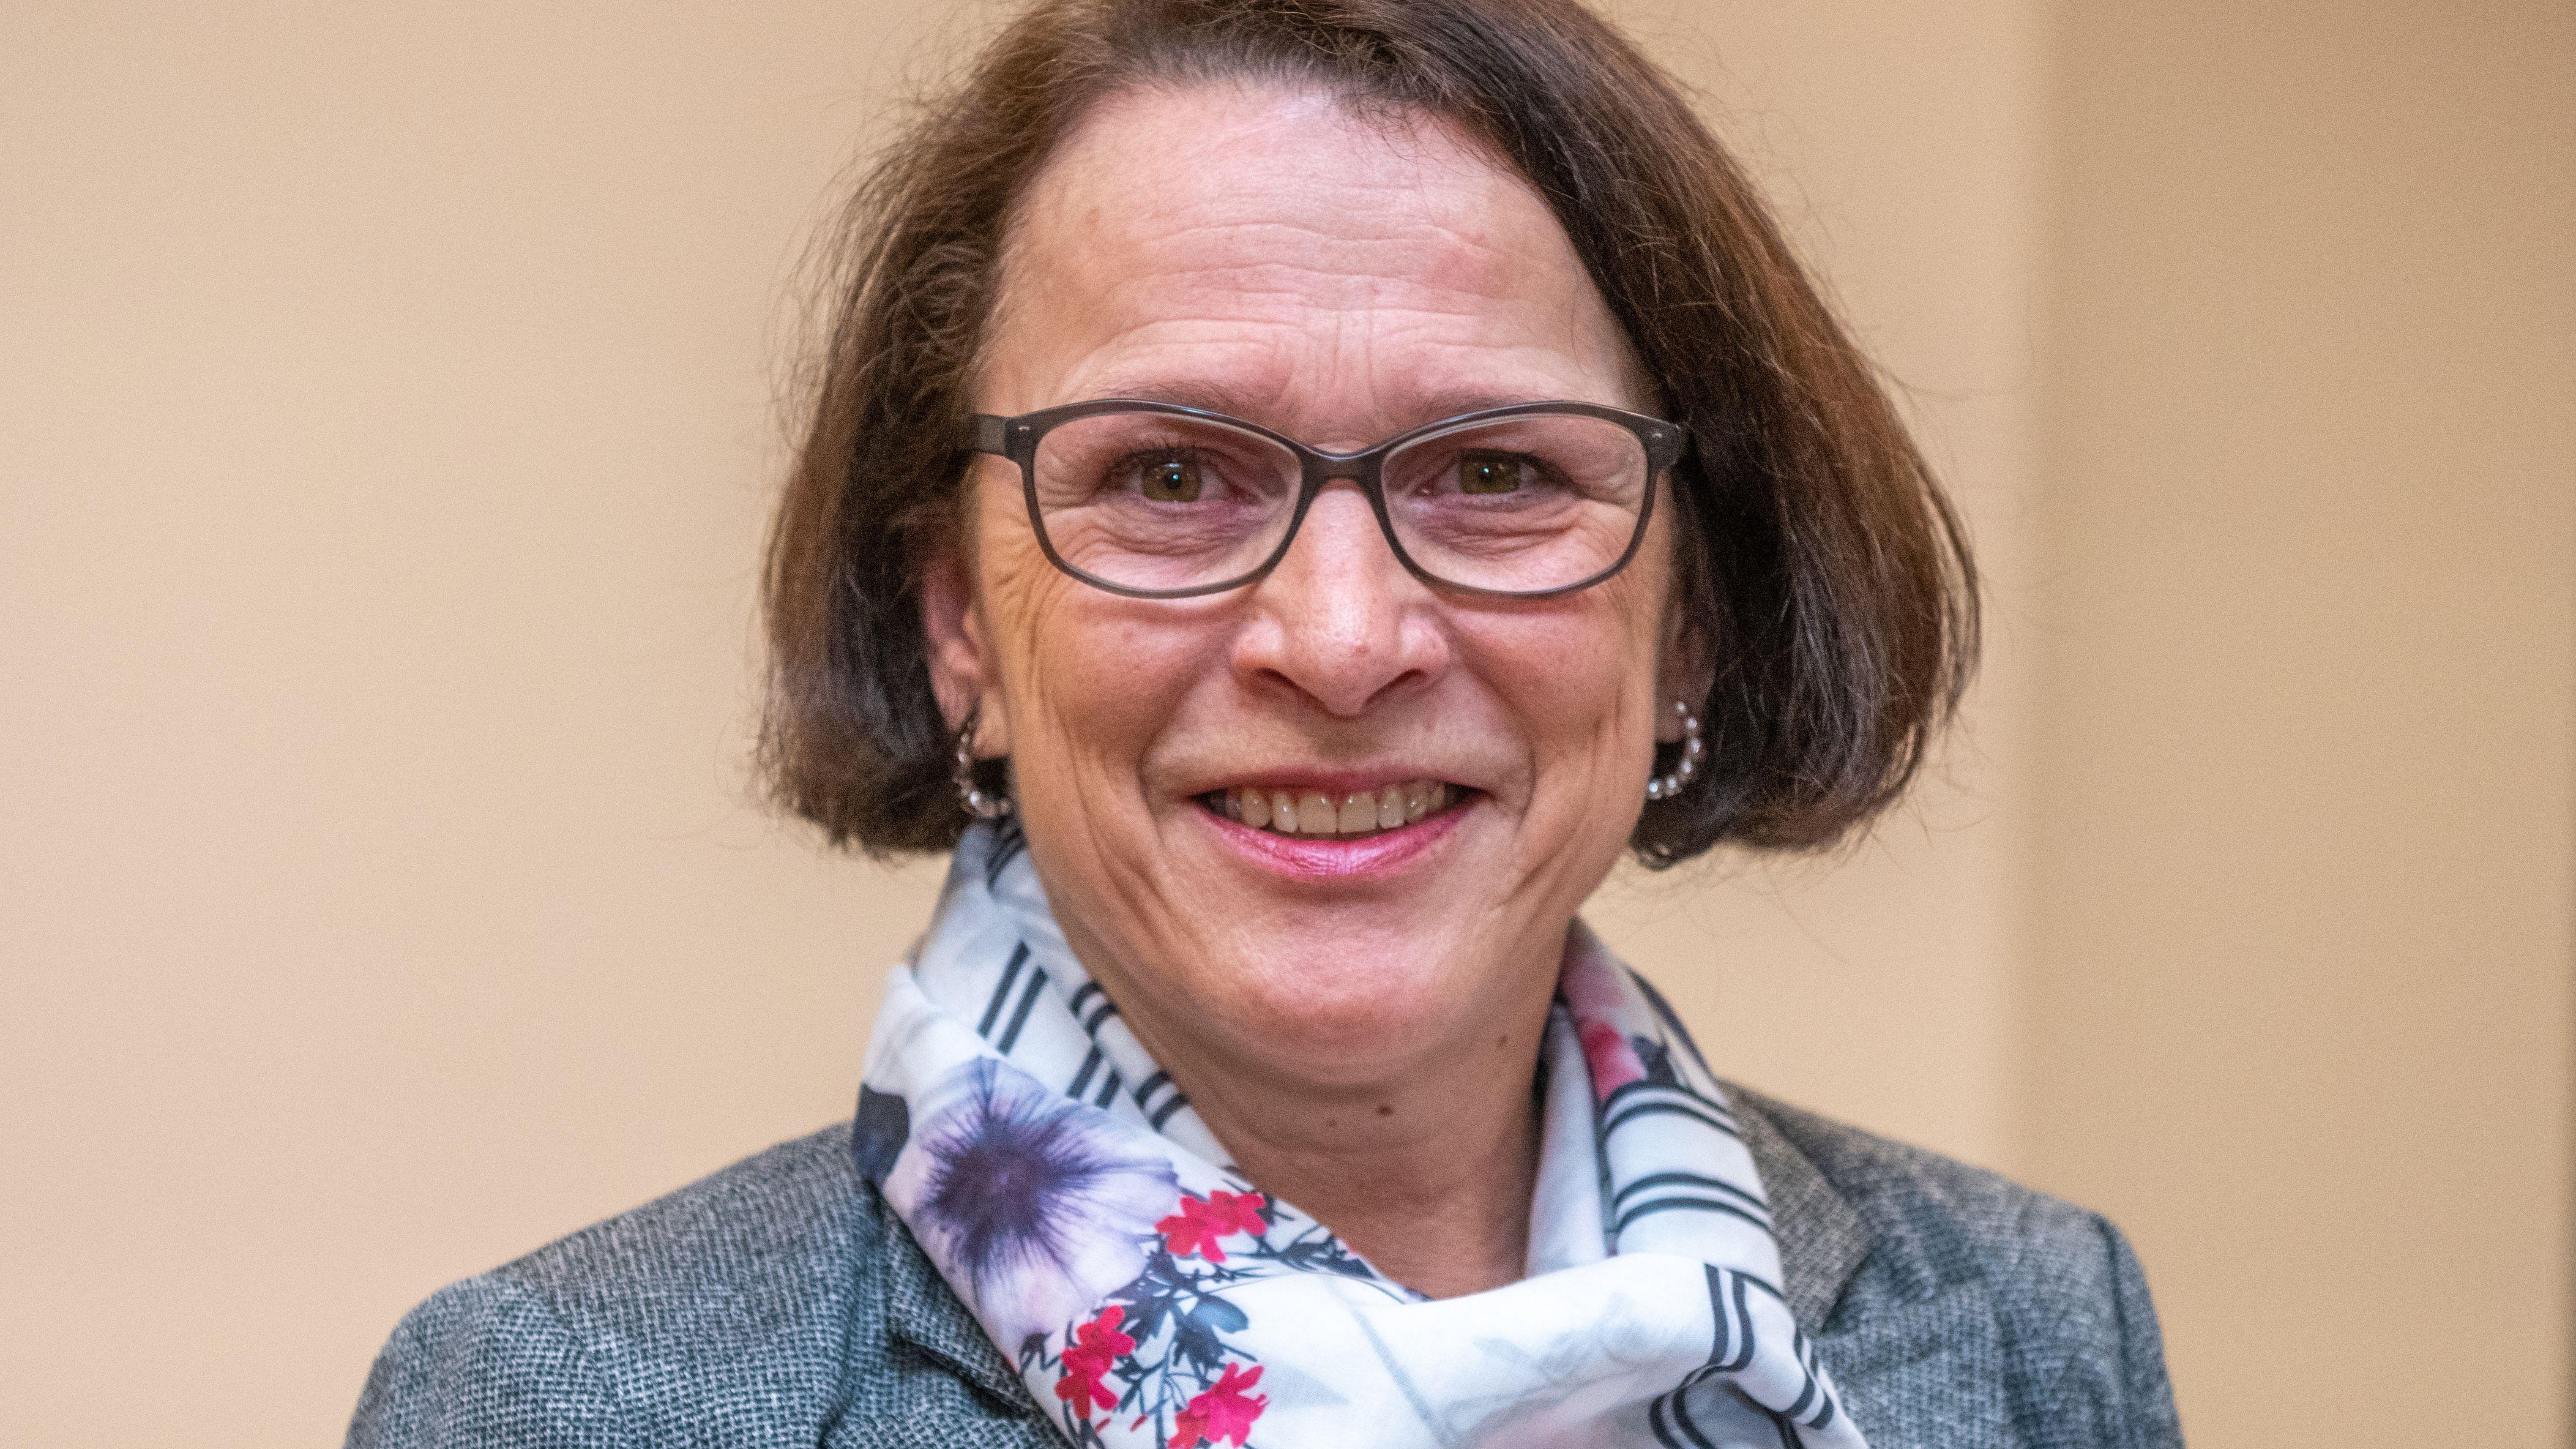 Gertrud Maltz-Schwarzfischer (SPD) ist neue Oberbürgermeisterin von Regensburg.